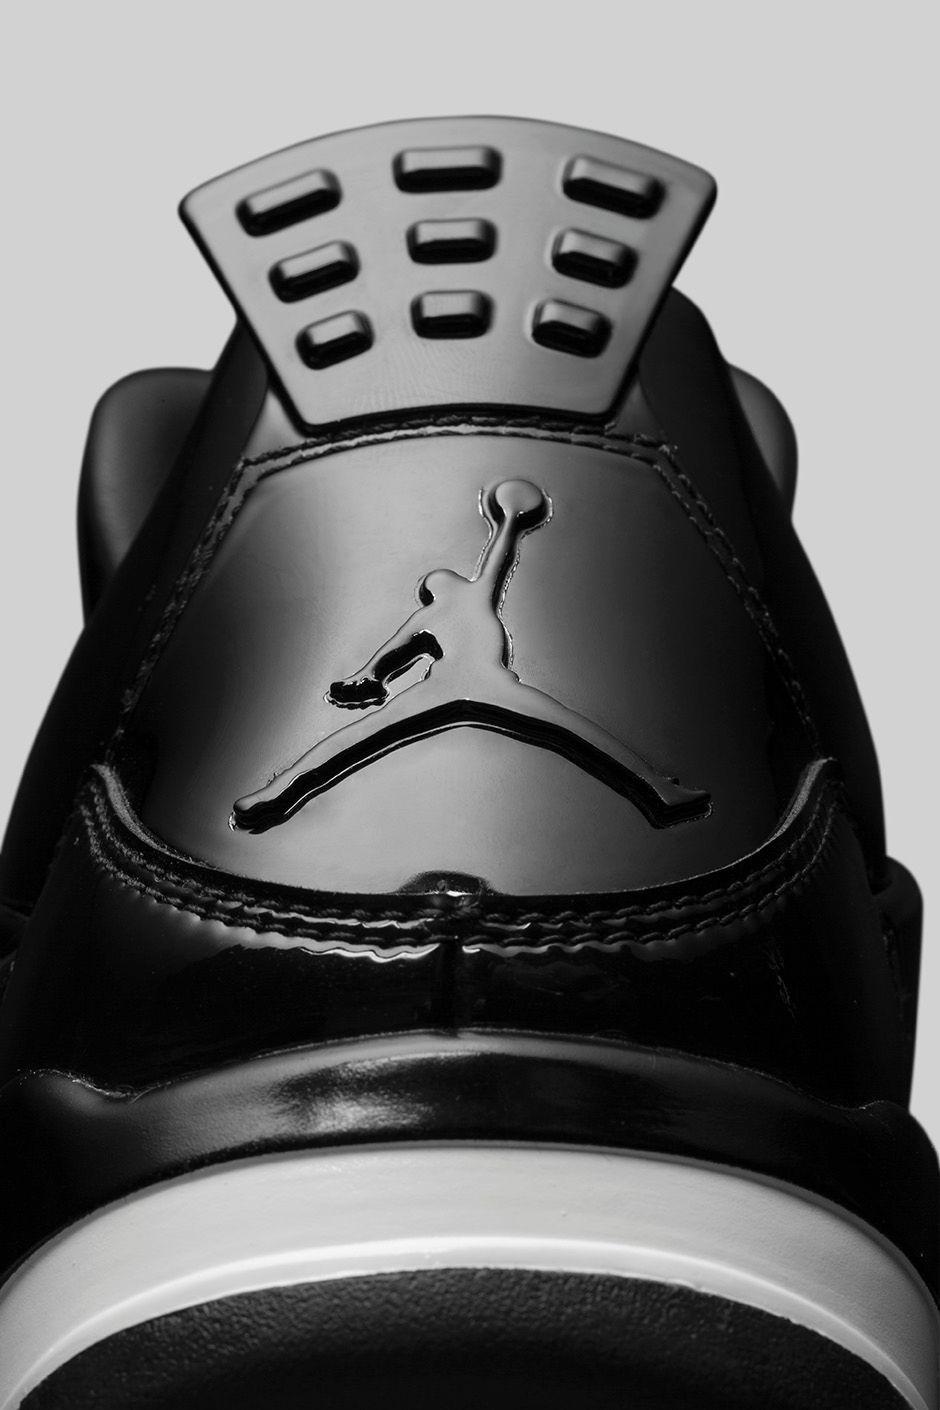 premium selection 9ebd2 10ea8 Air Jordan 11LAB4 Release Date